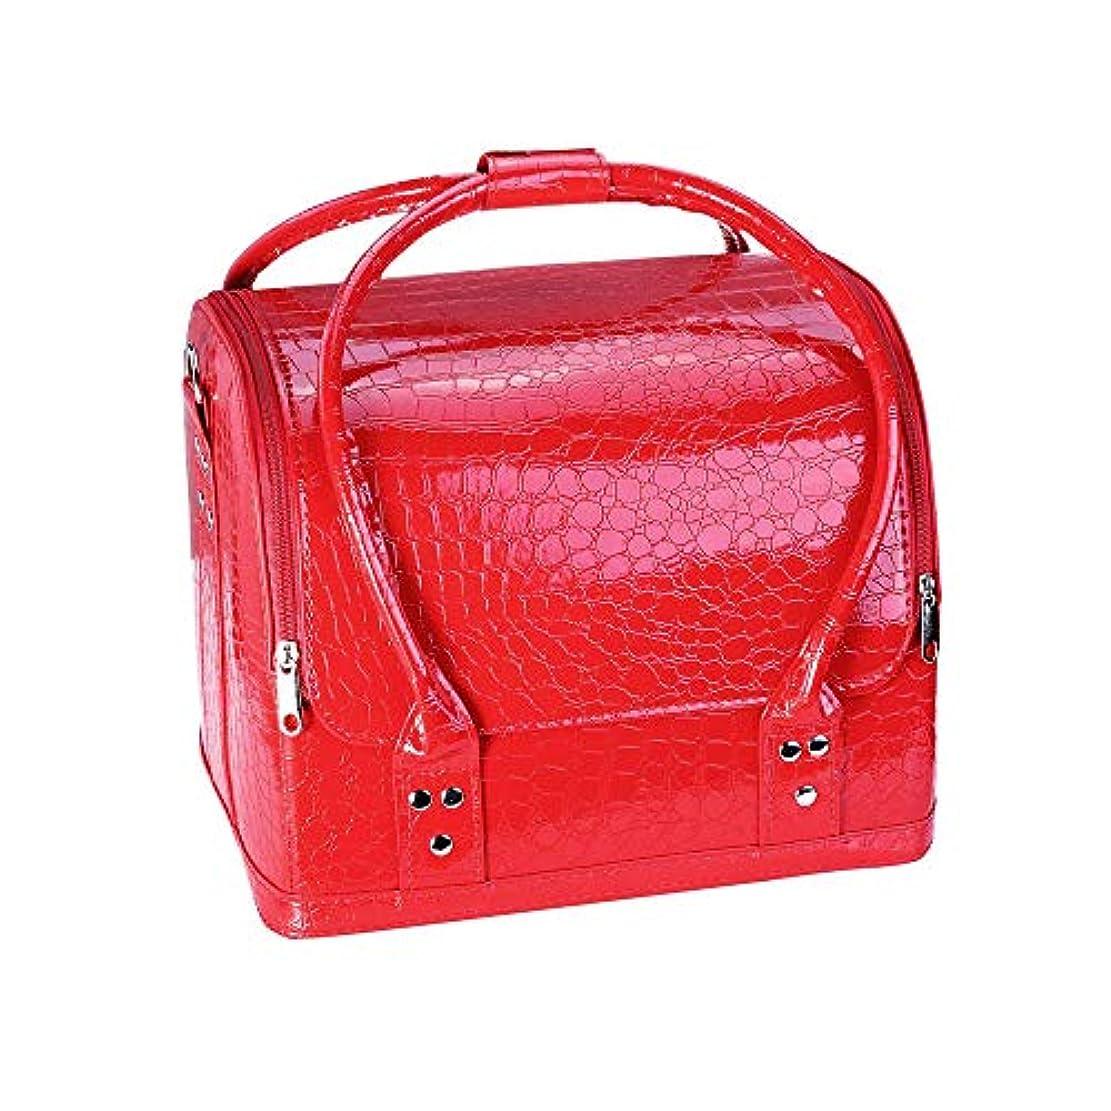 能力縁制裁化粧オーガナイザーバッグ プロフェッショナルビューティーメイクアップケースネイル化粧箱ビニールケースオーガナイザークロコダイルパターン 化粧品ケース (色 : 赤)